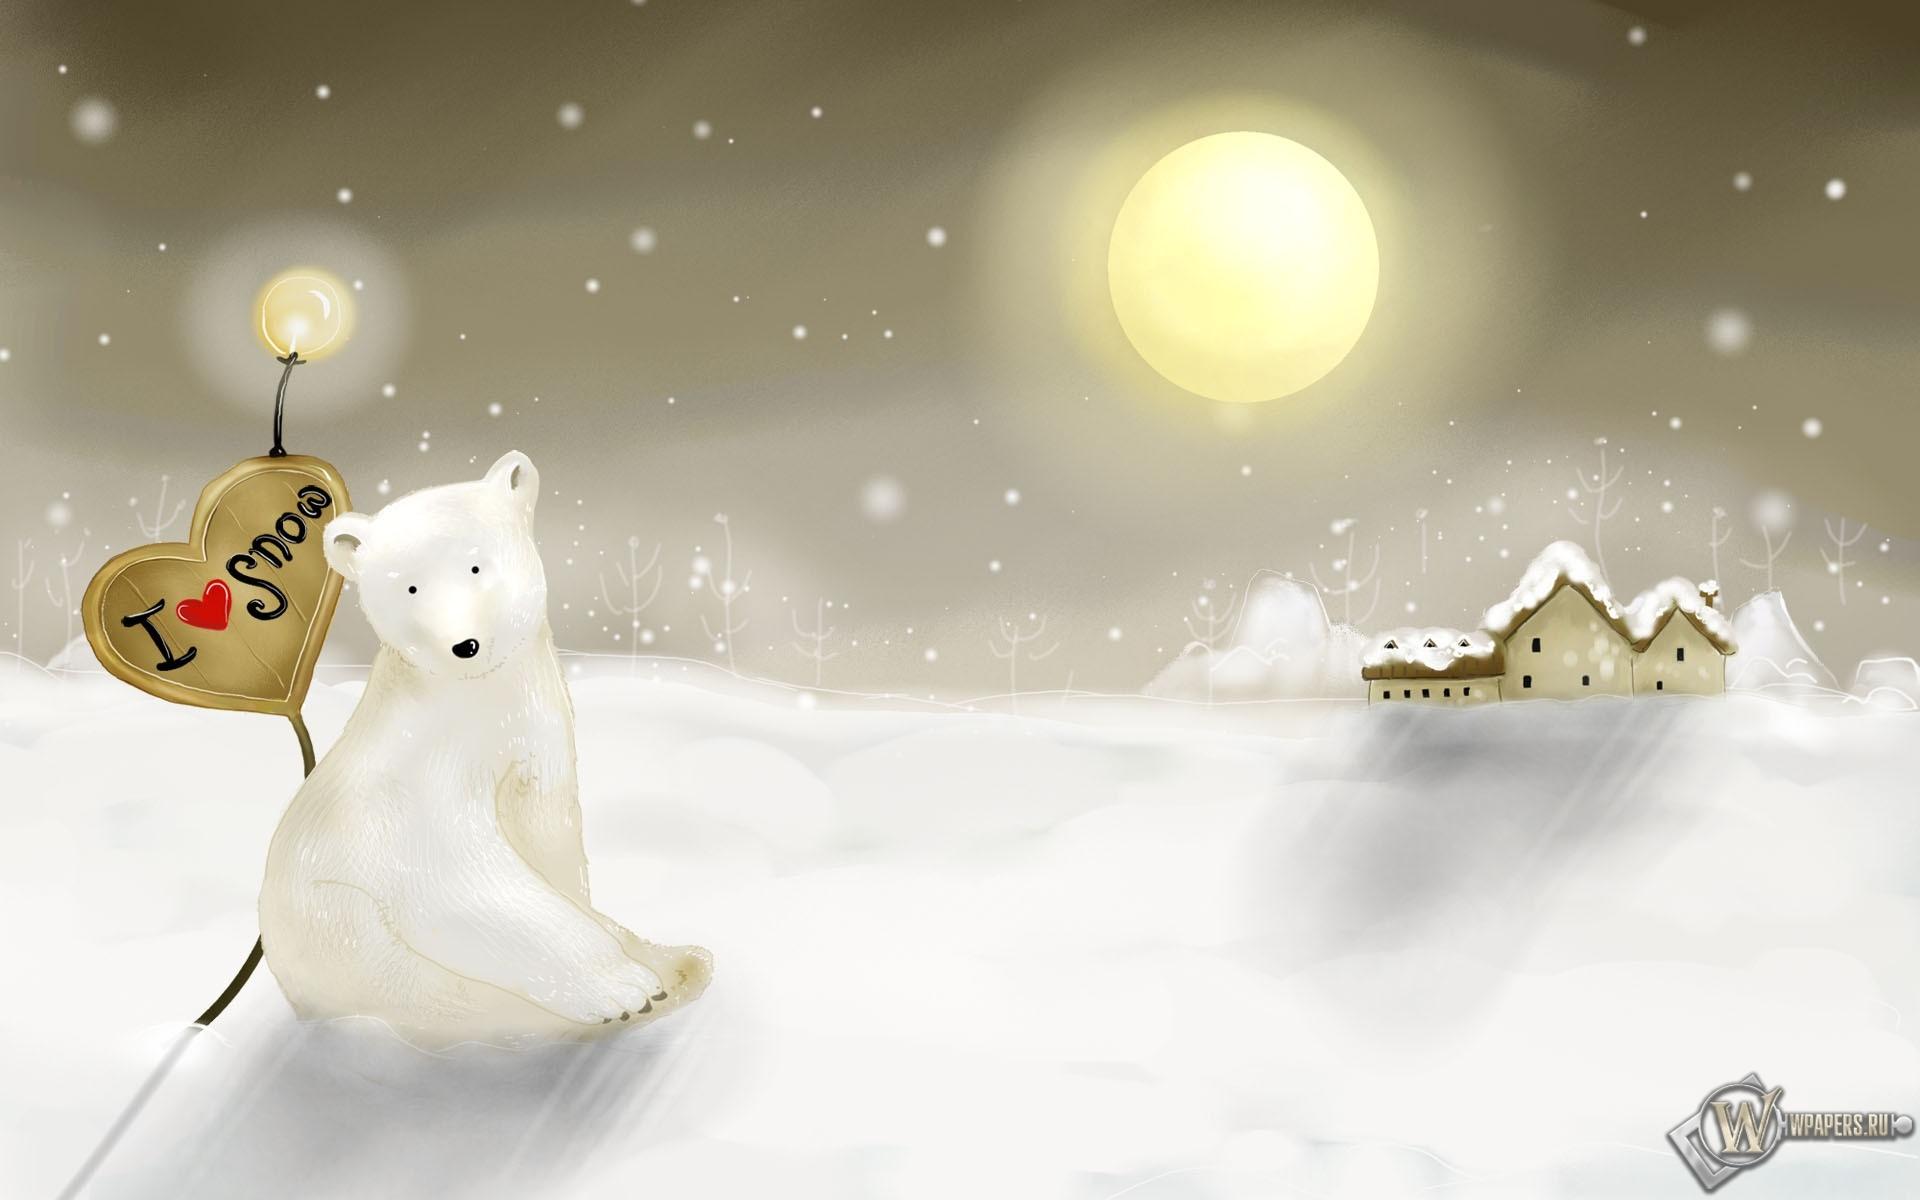 Белый медведь с сердцем 1920x1200